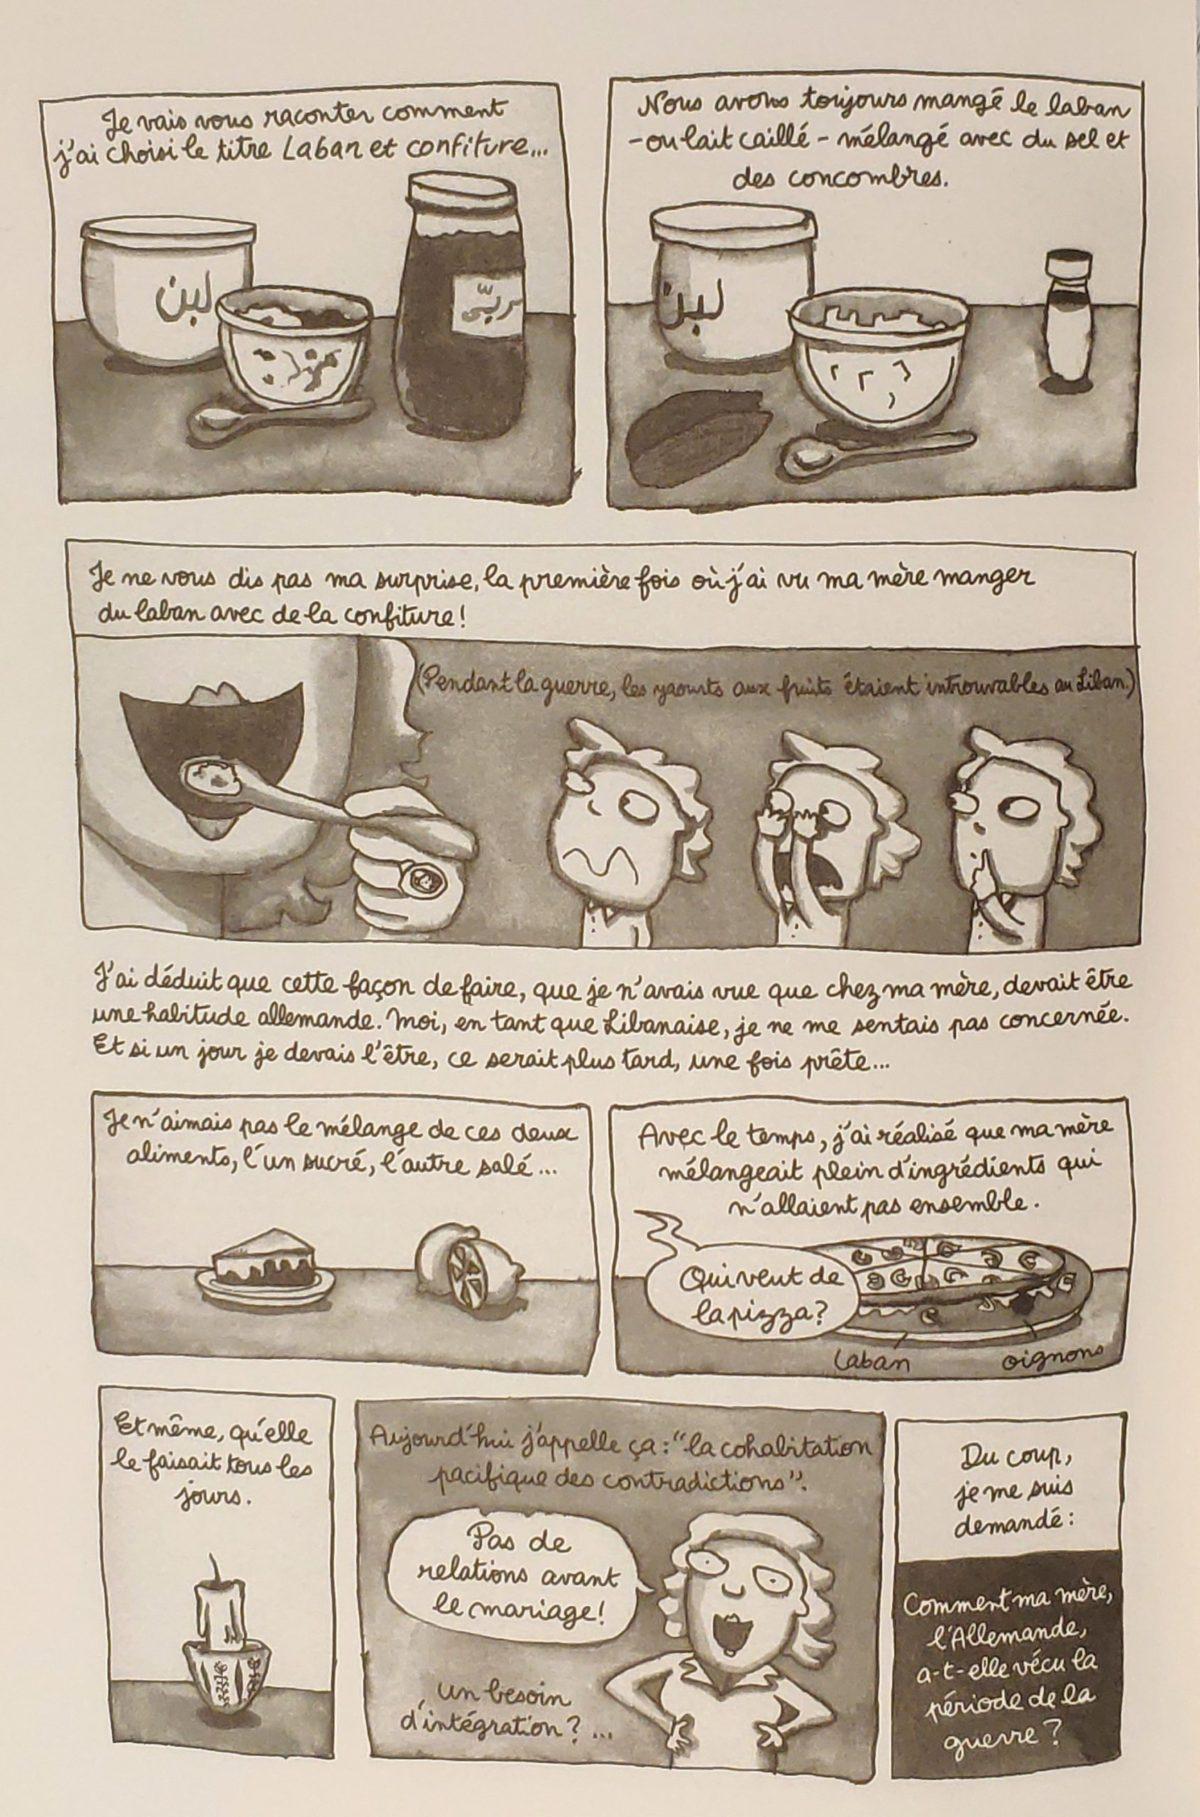 Mio caro fumetto… – Laban et confiture - Spiegazione del titolo Laban et confiture